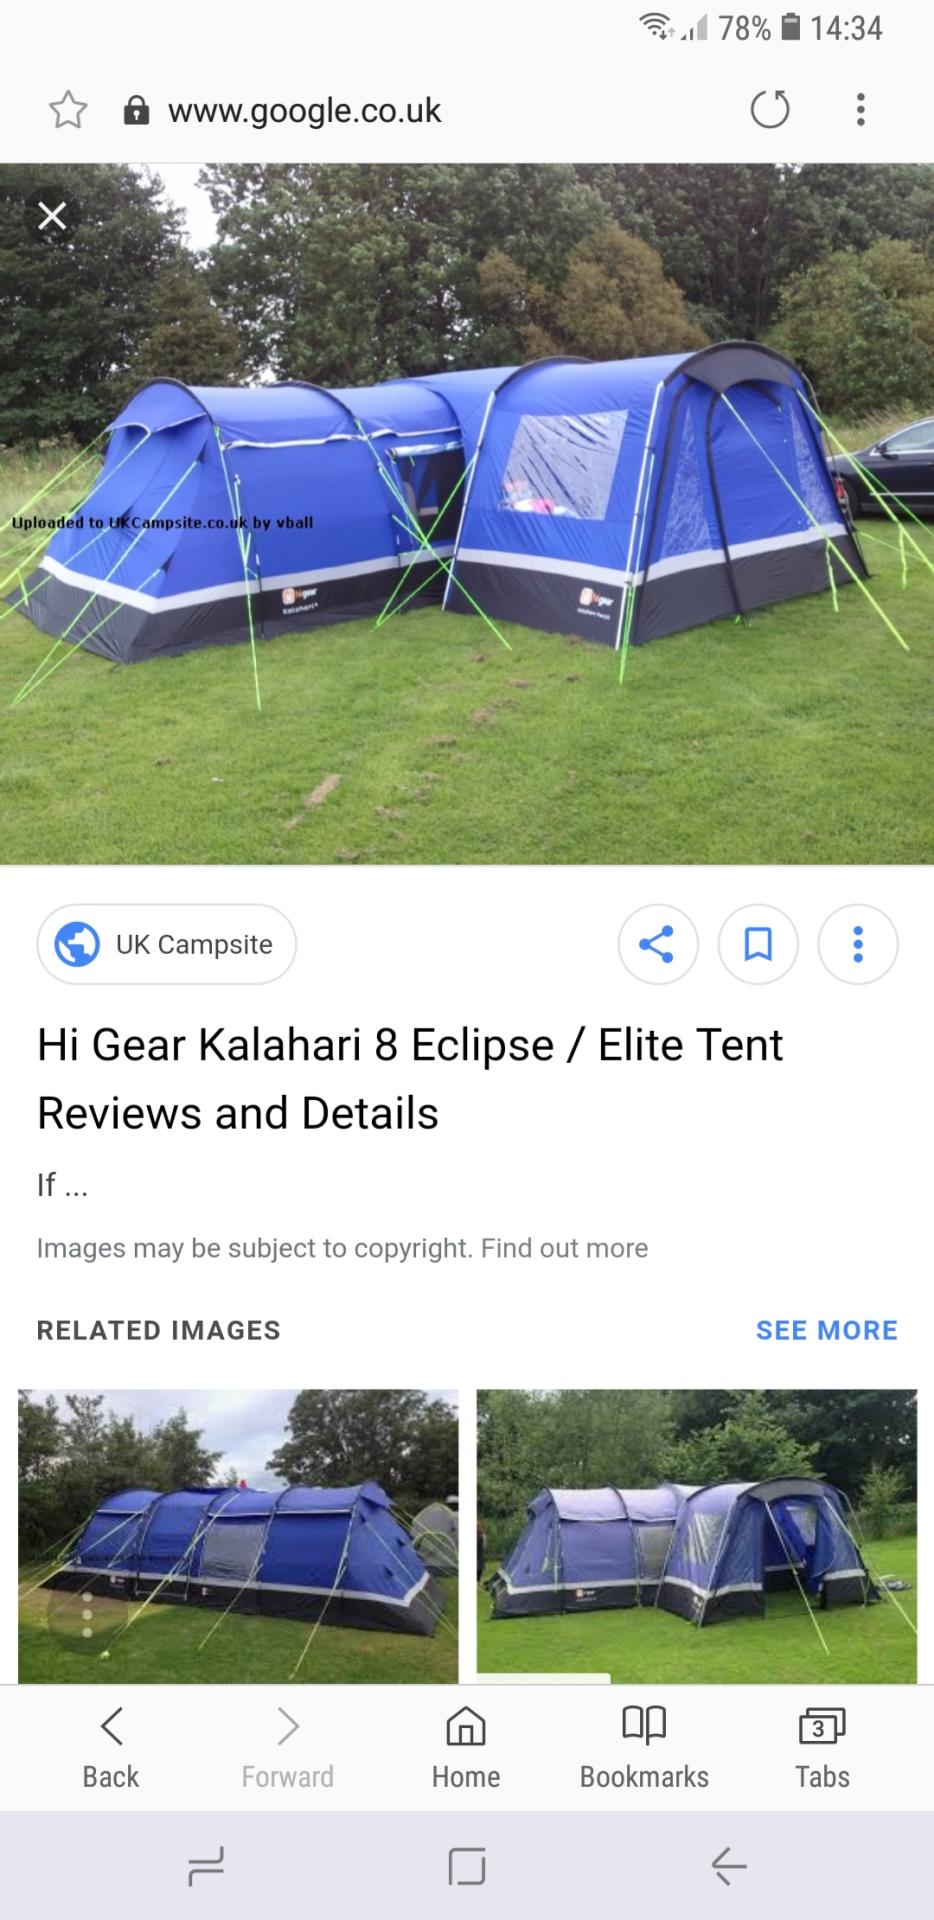 Hi Gear Kalahari 8